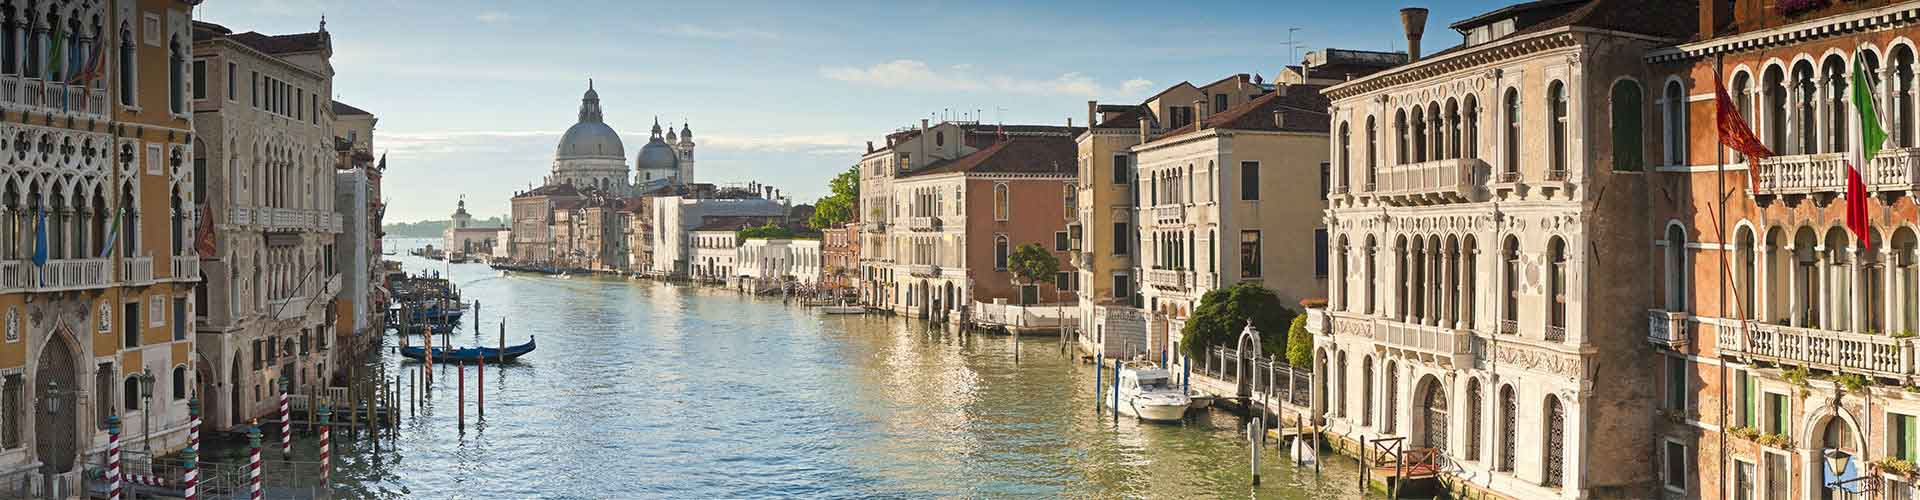 Venise - Hôtels dans le quartier de Dorsoduro, S. Polo, S. Croix, Giudecca, Sack Fisola. Cartes pour Venise, photos et commentaires pour chaque hôtel à Venise.